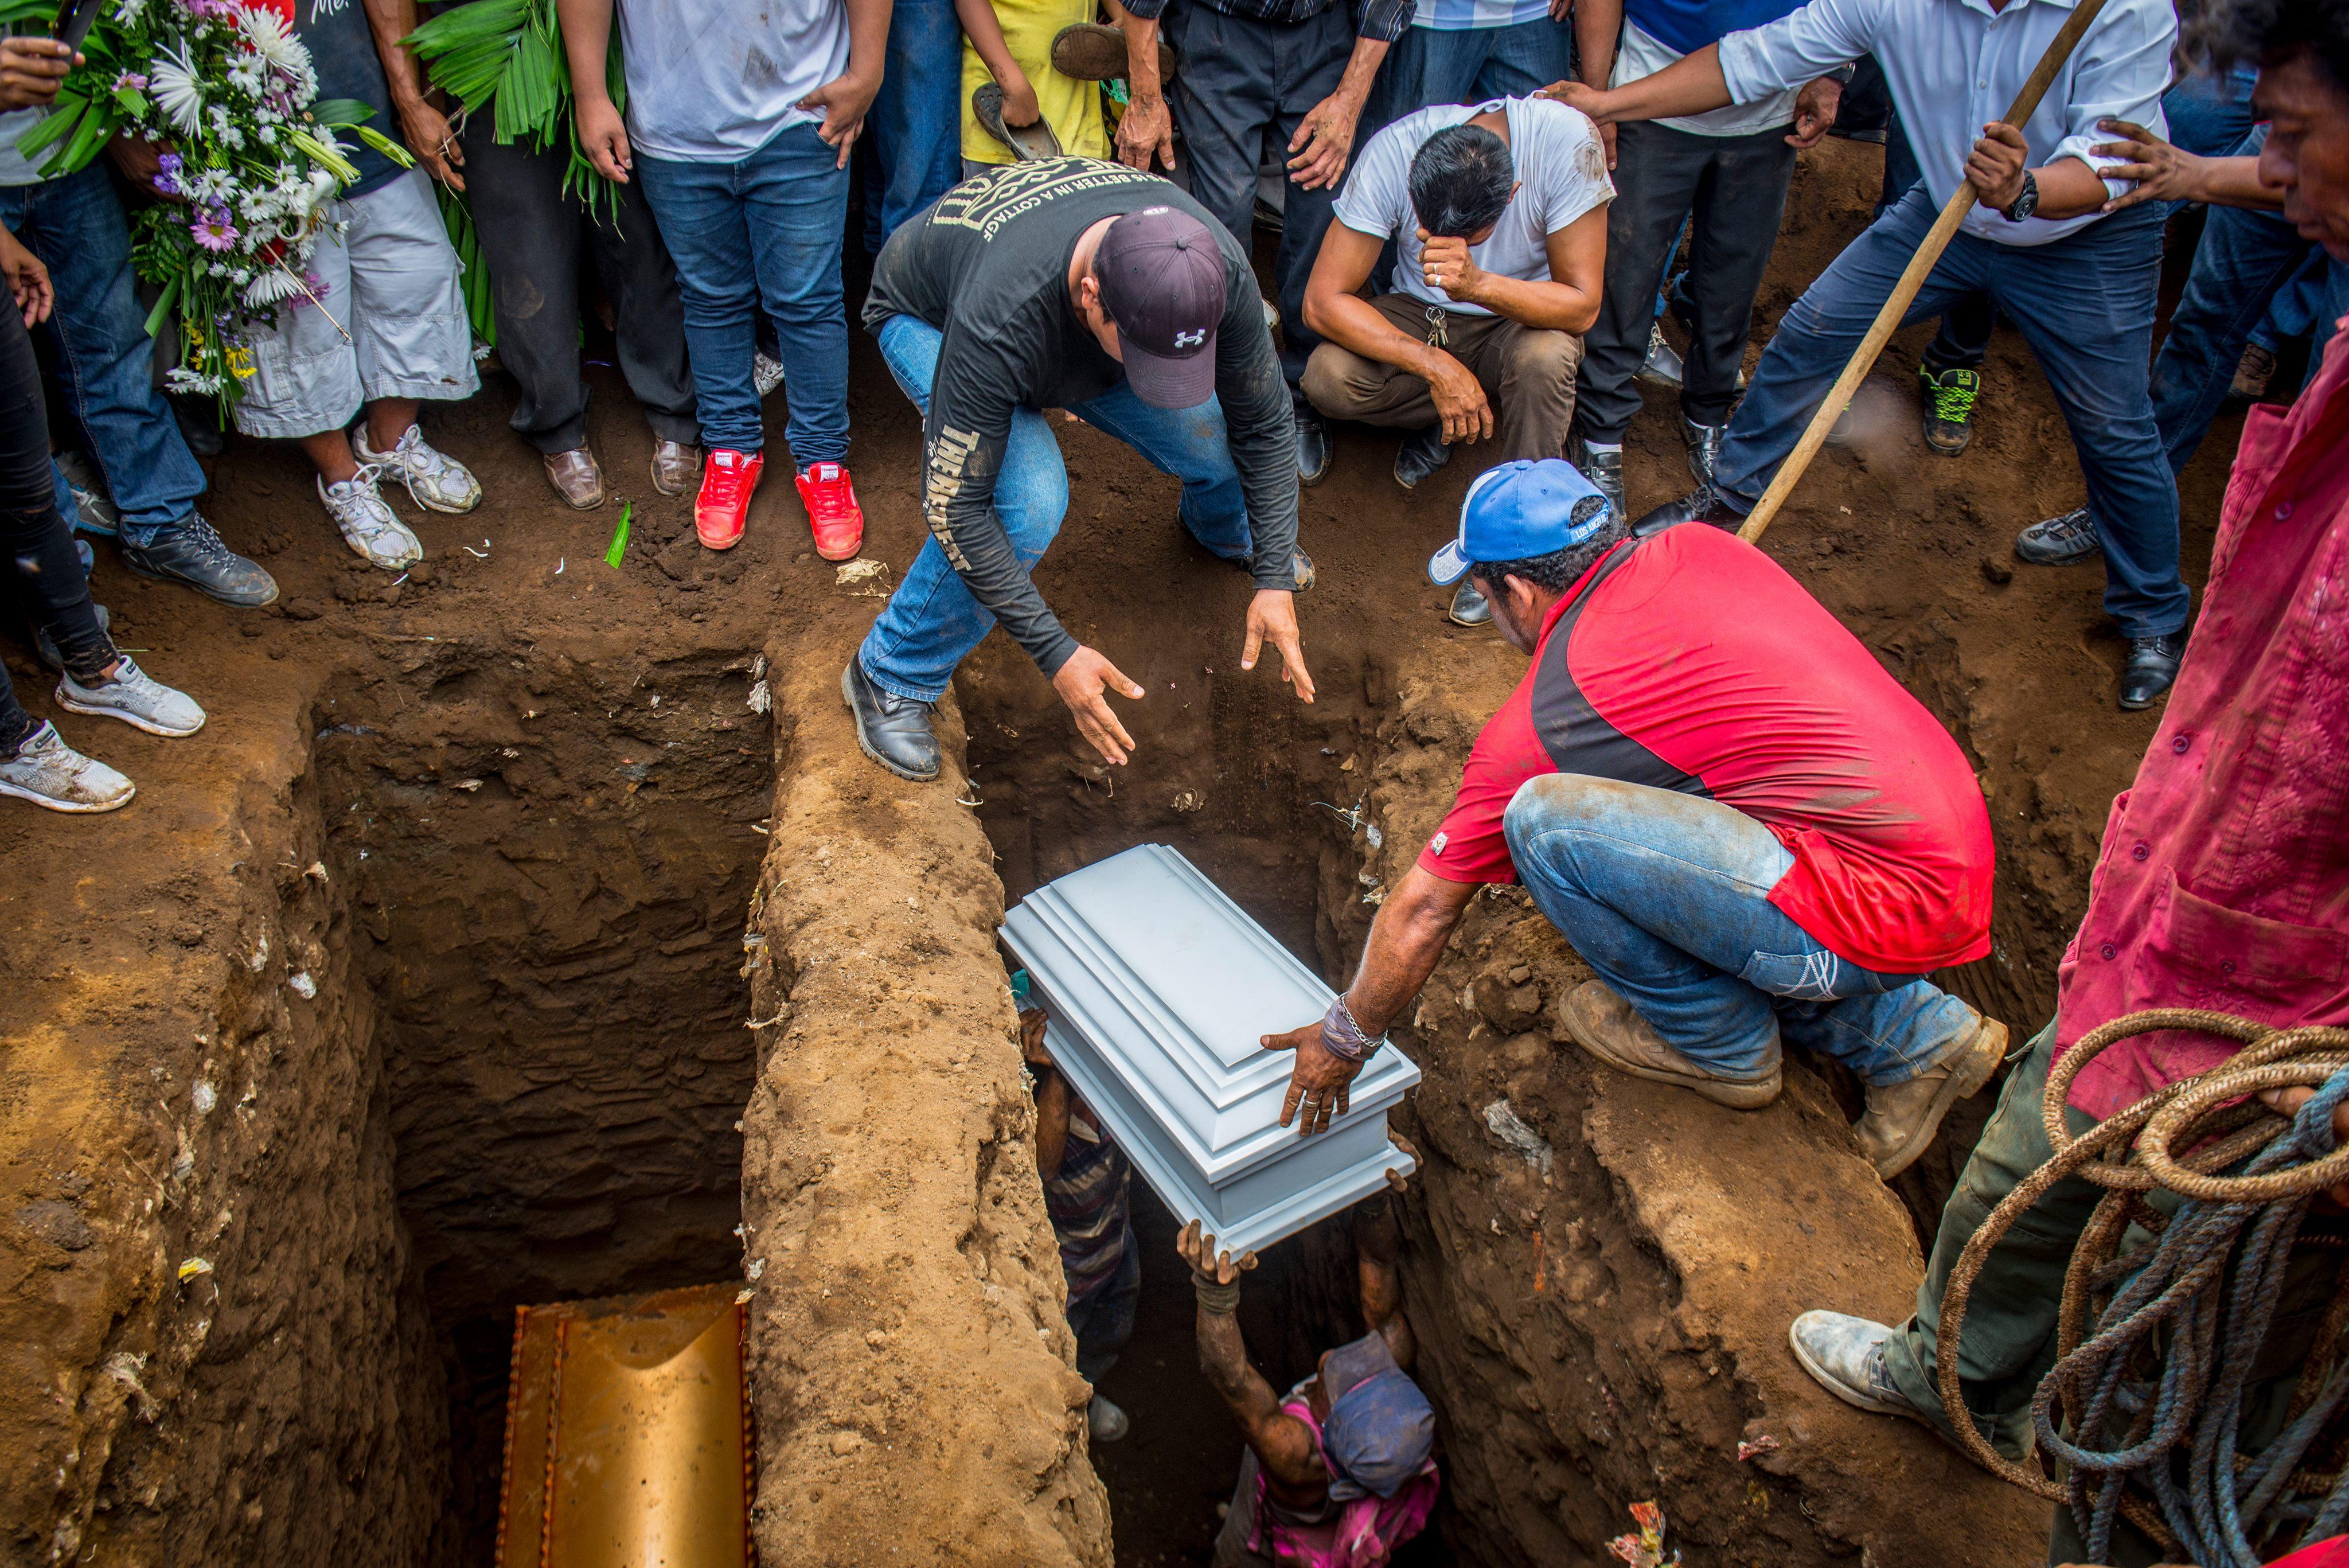 Tres tumbas para los seis miembros de la familia quemada por paramilitares de Ortega